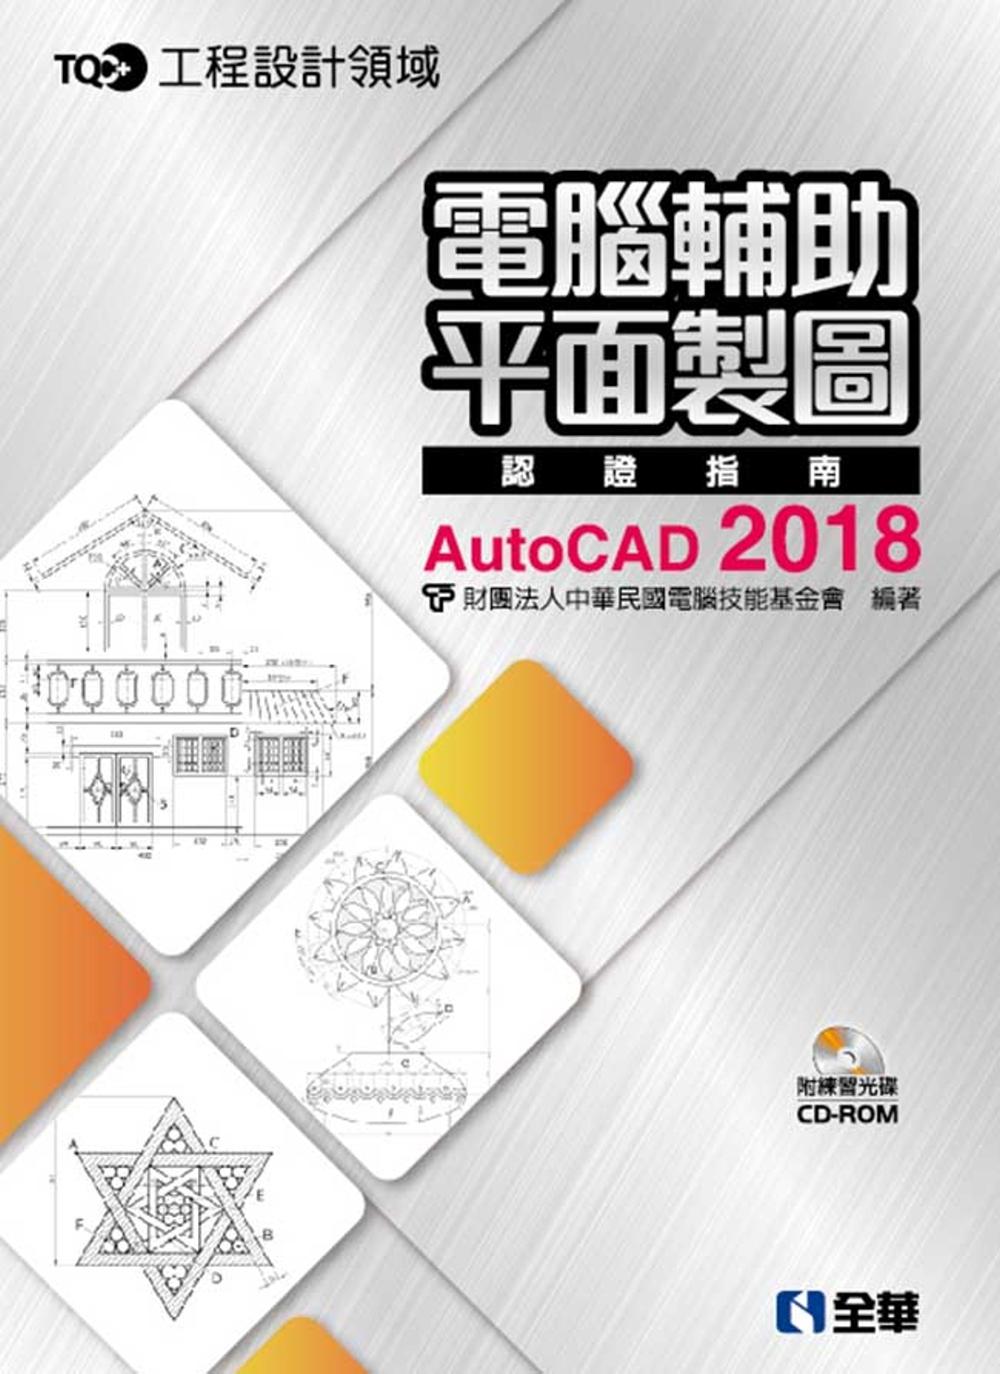 TQC+ 電腦輔助平面製圖認證指南AutoCAD 2018(附練習光碟)